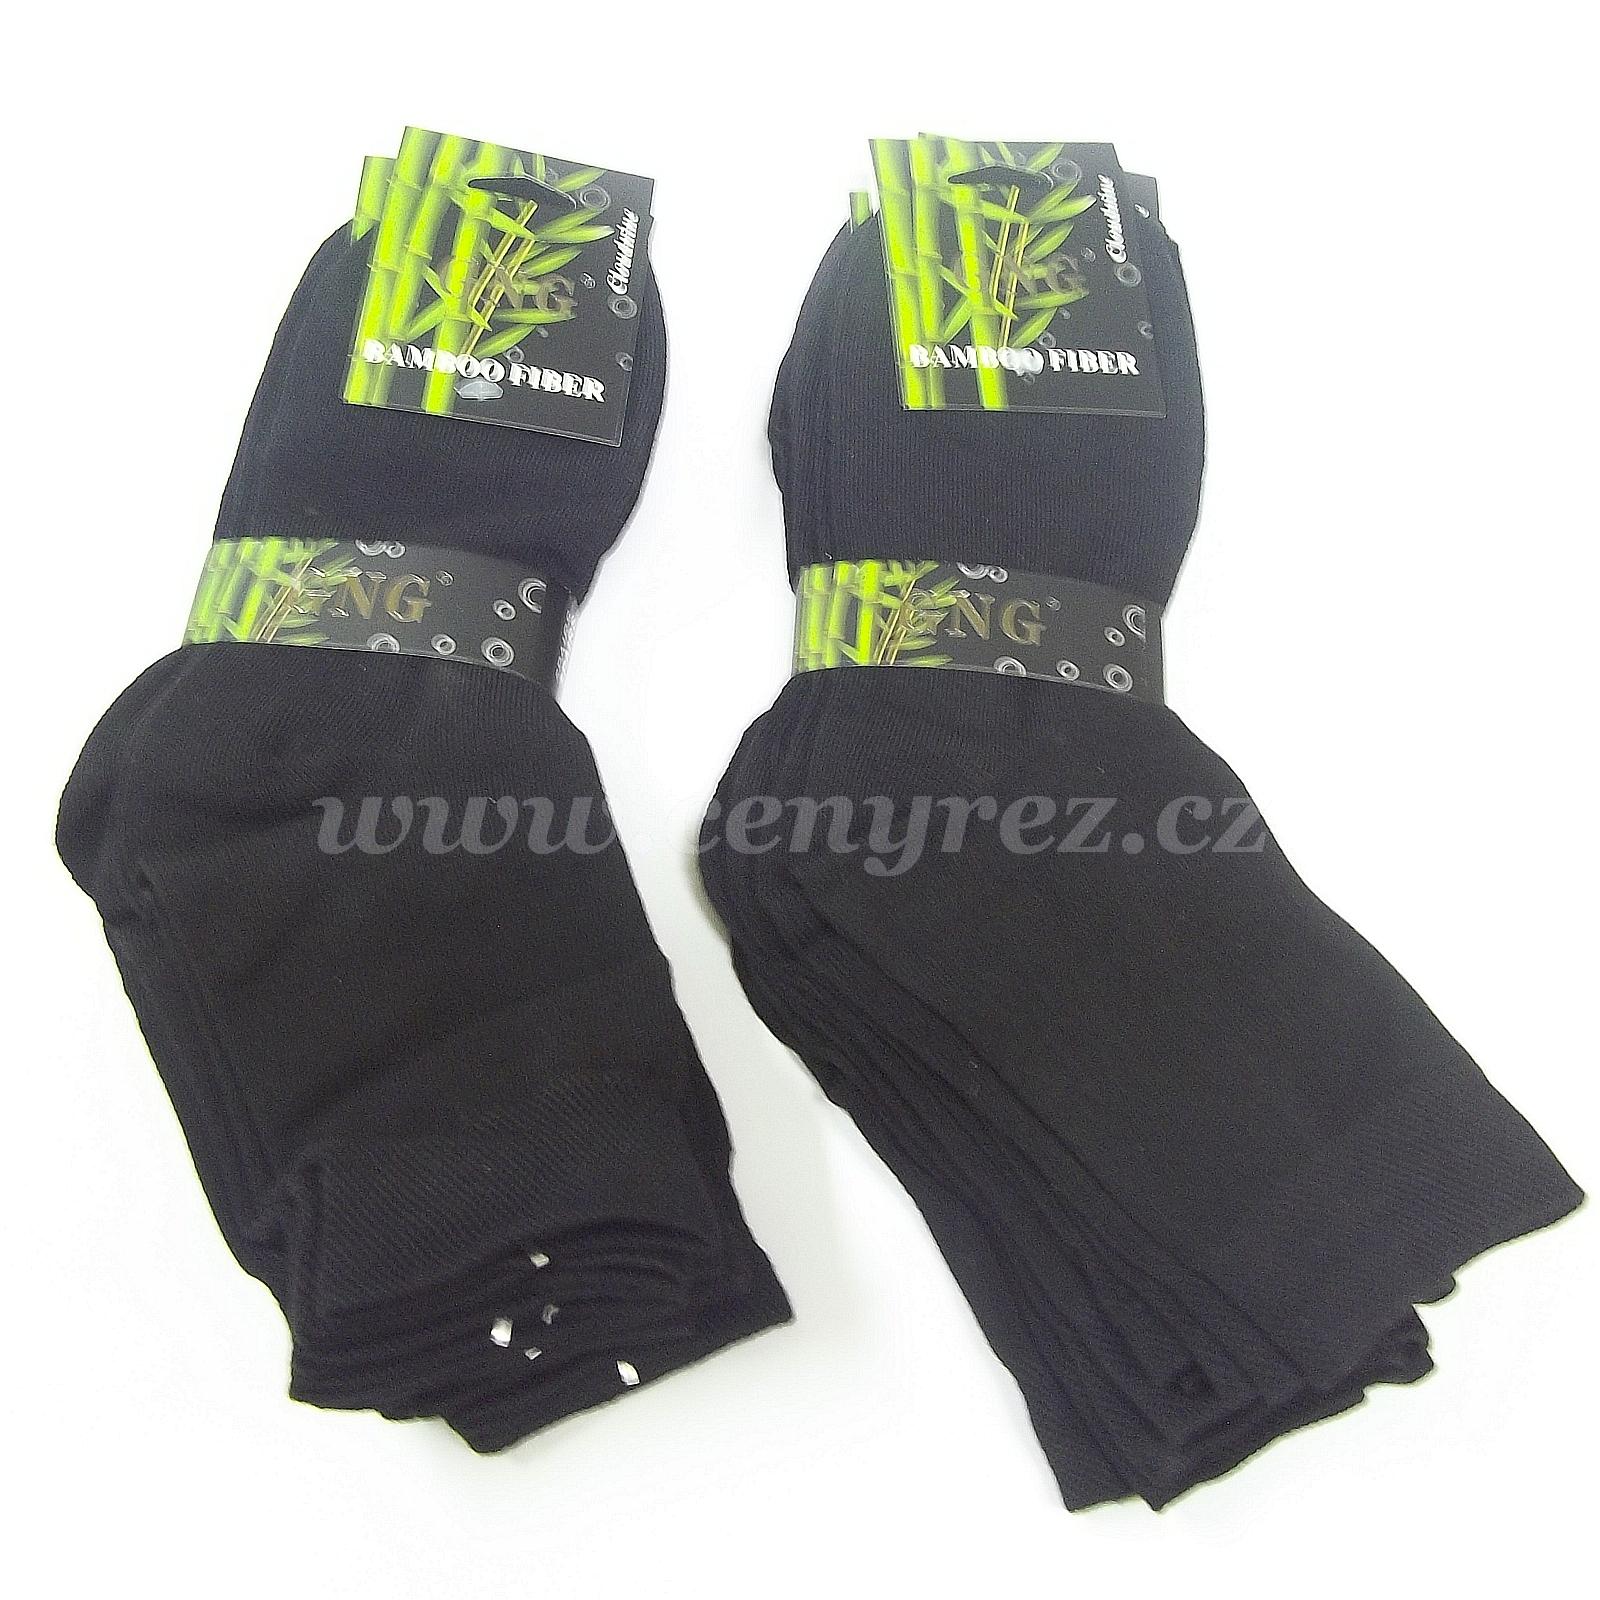 e010f5191d4 10x černé bambusové ponožky GNG - CenyŘez